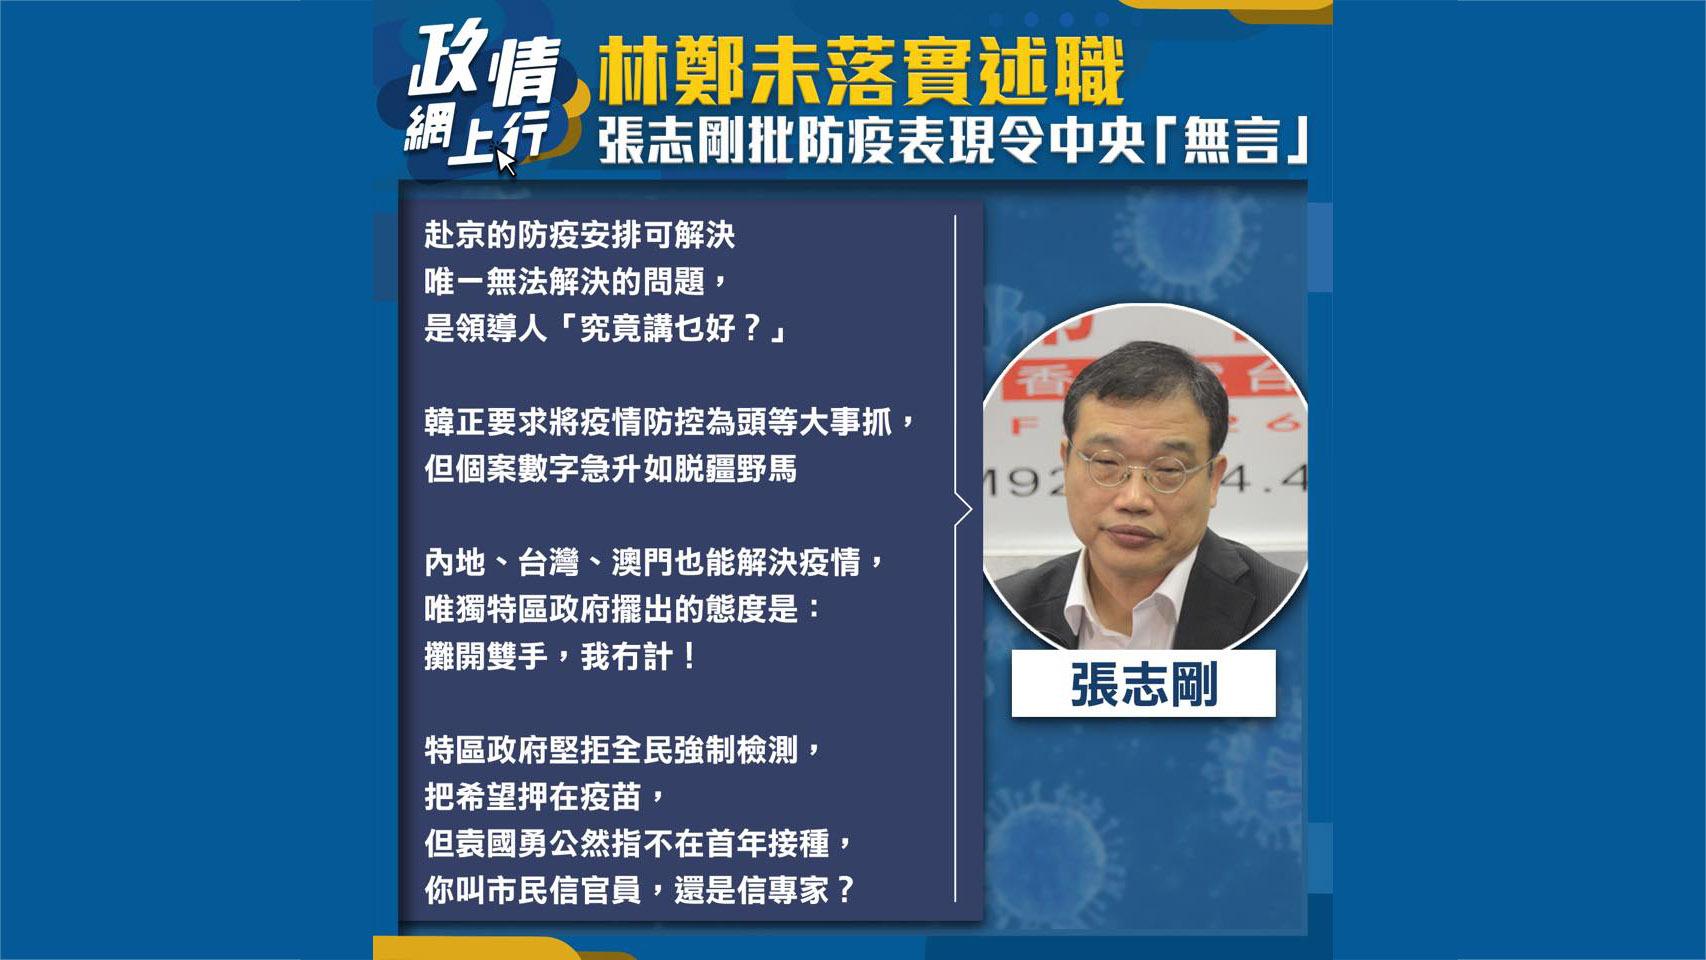 【政情網上行】林鄭未落實述職 張志剛批防疫表現令中央「無言」